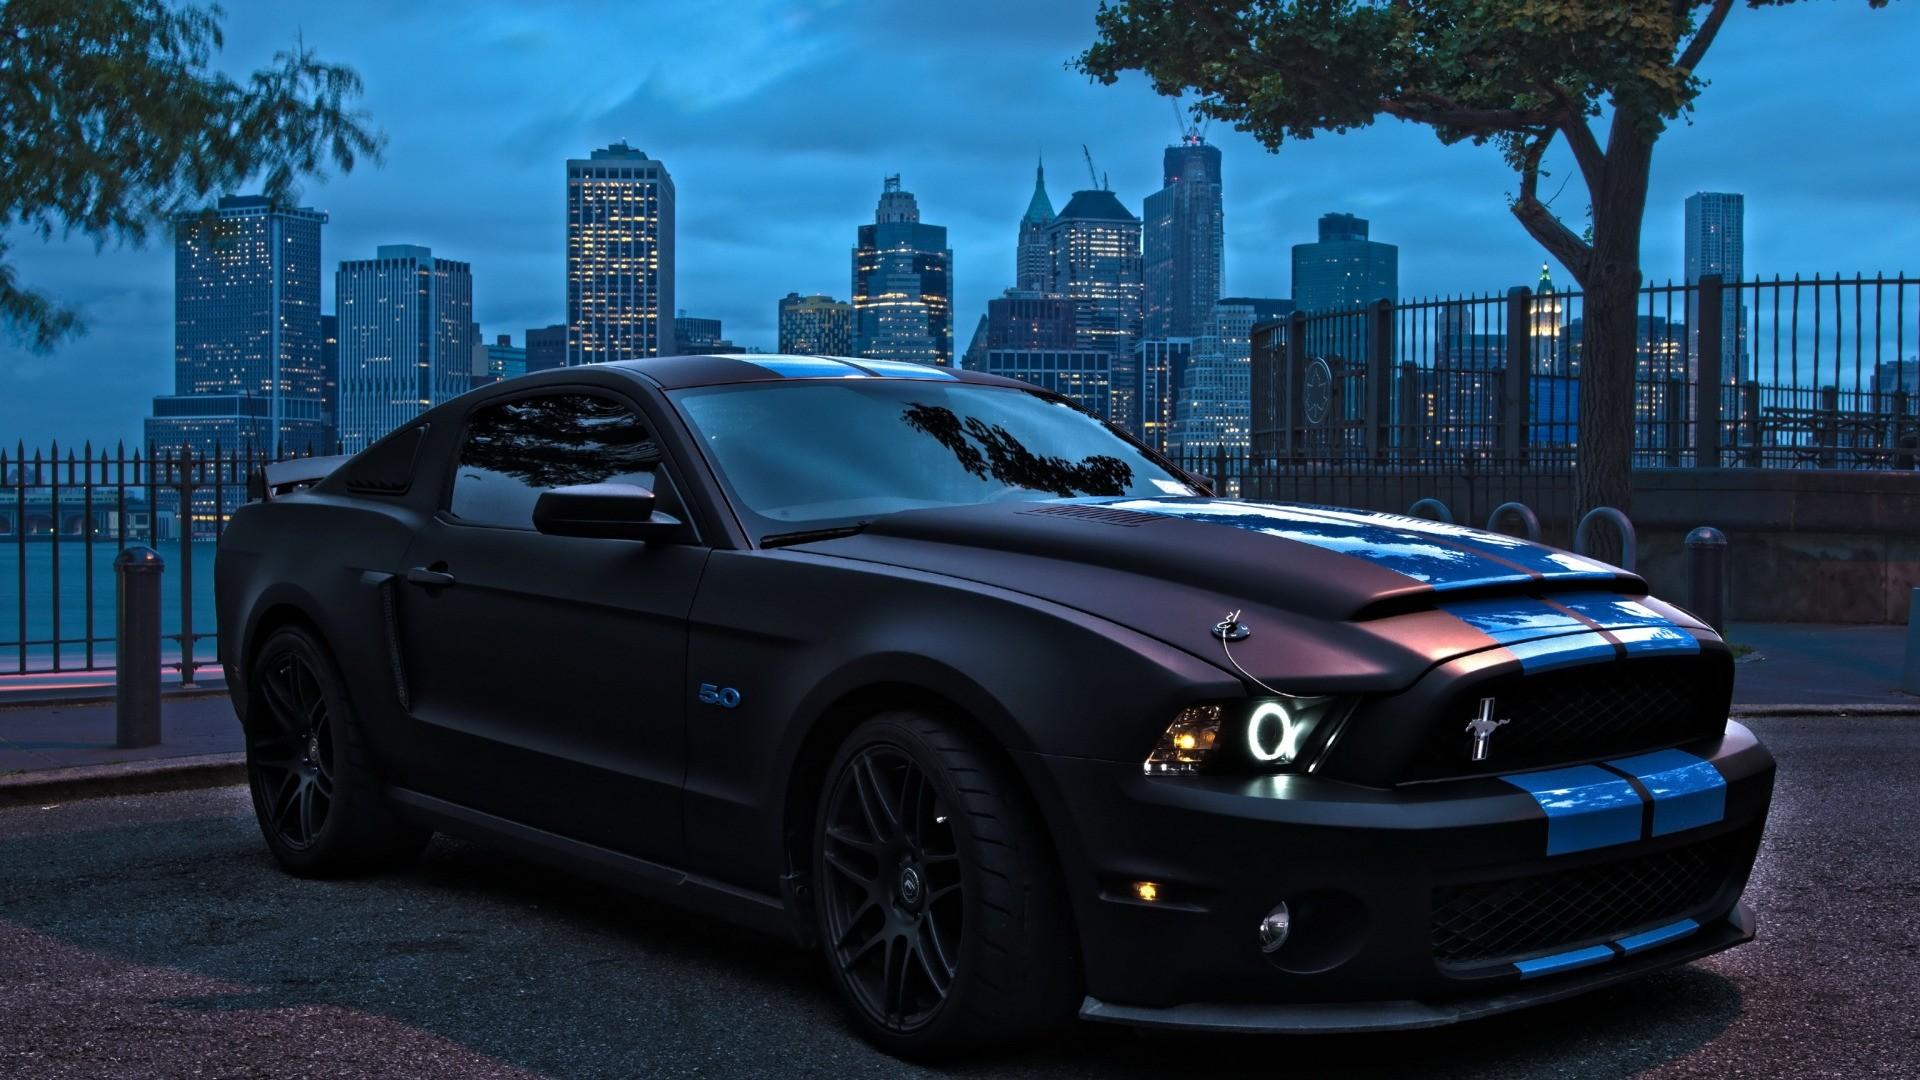 Mustang Wallpaper Free